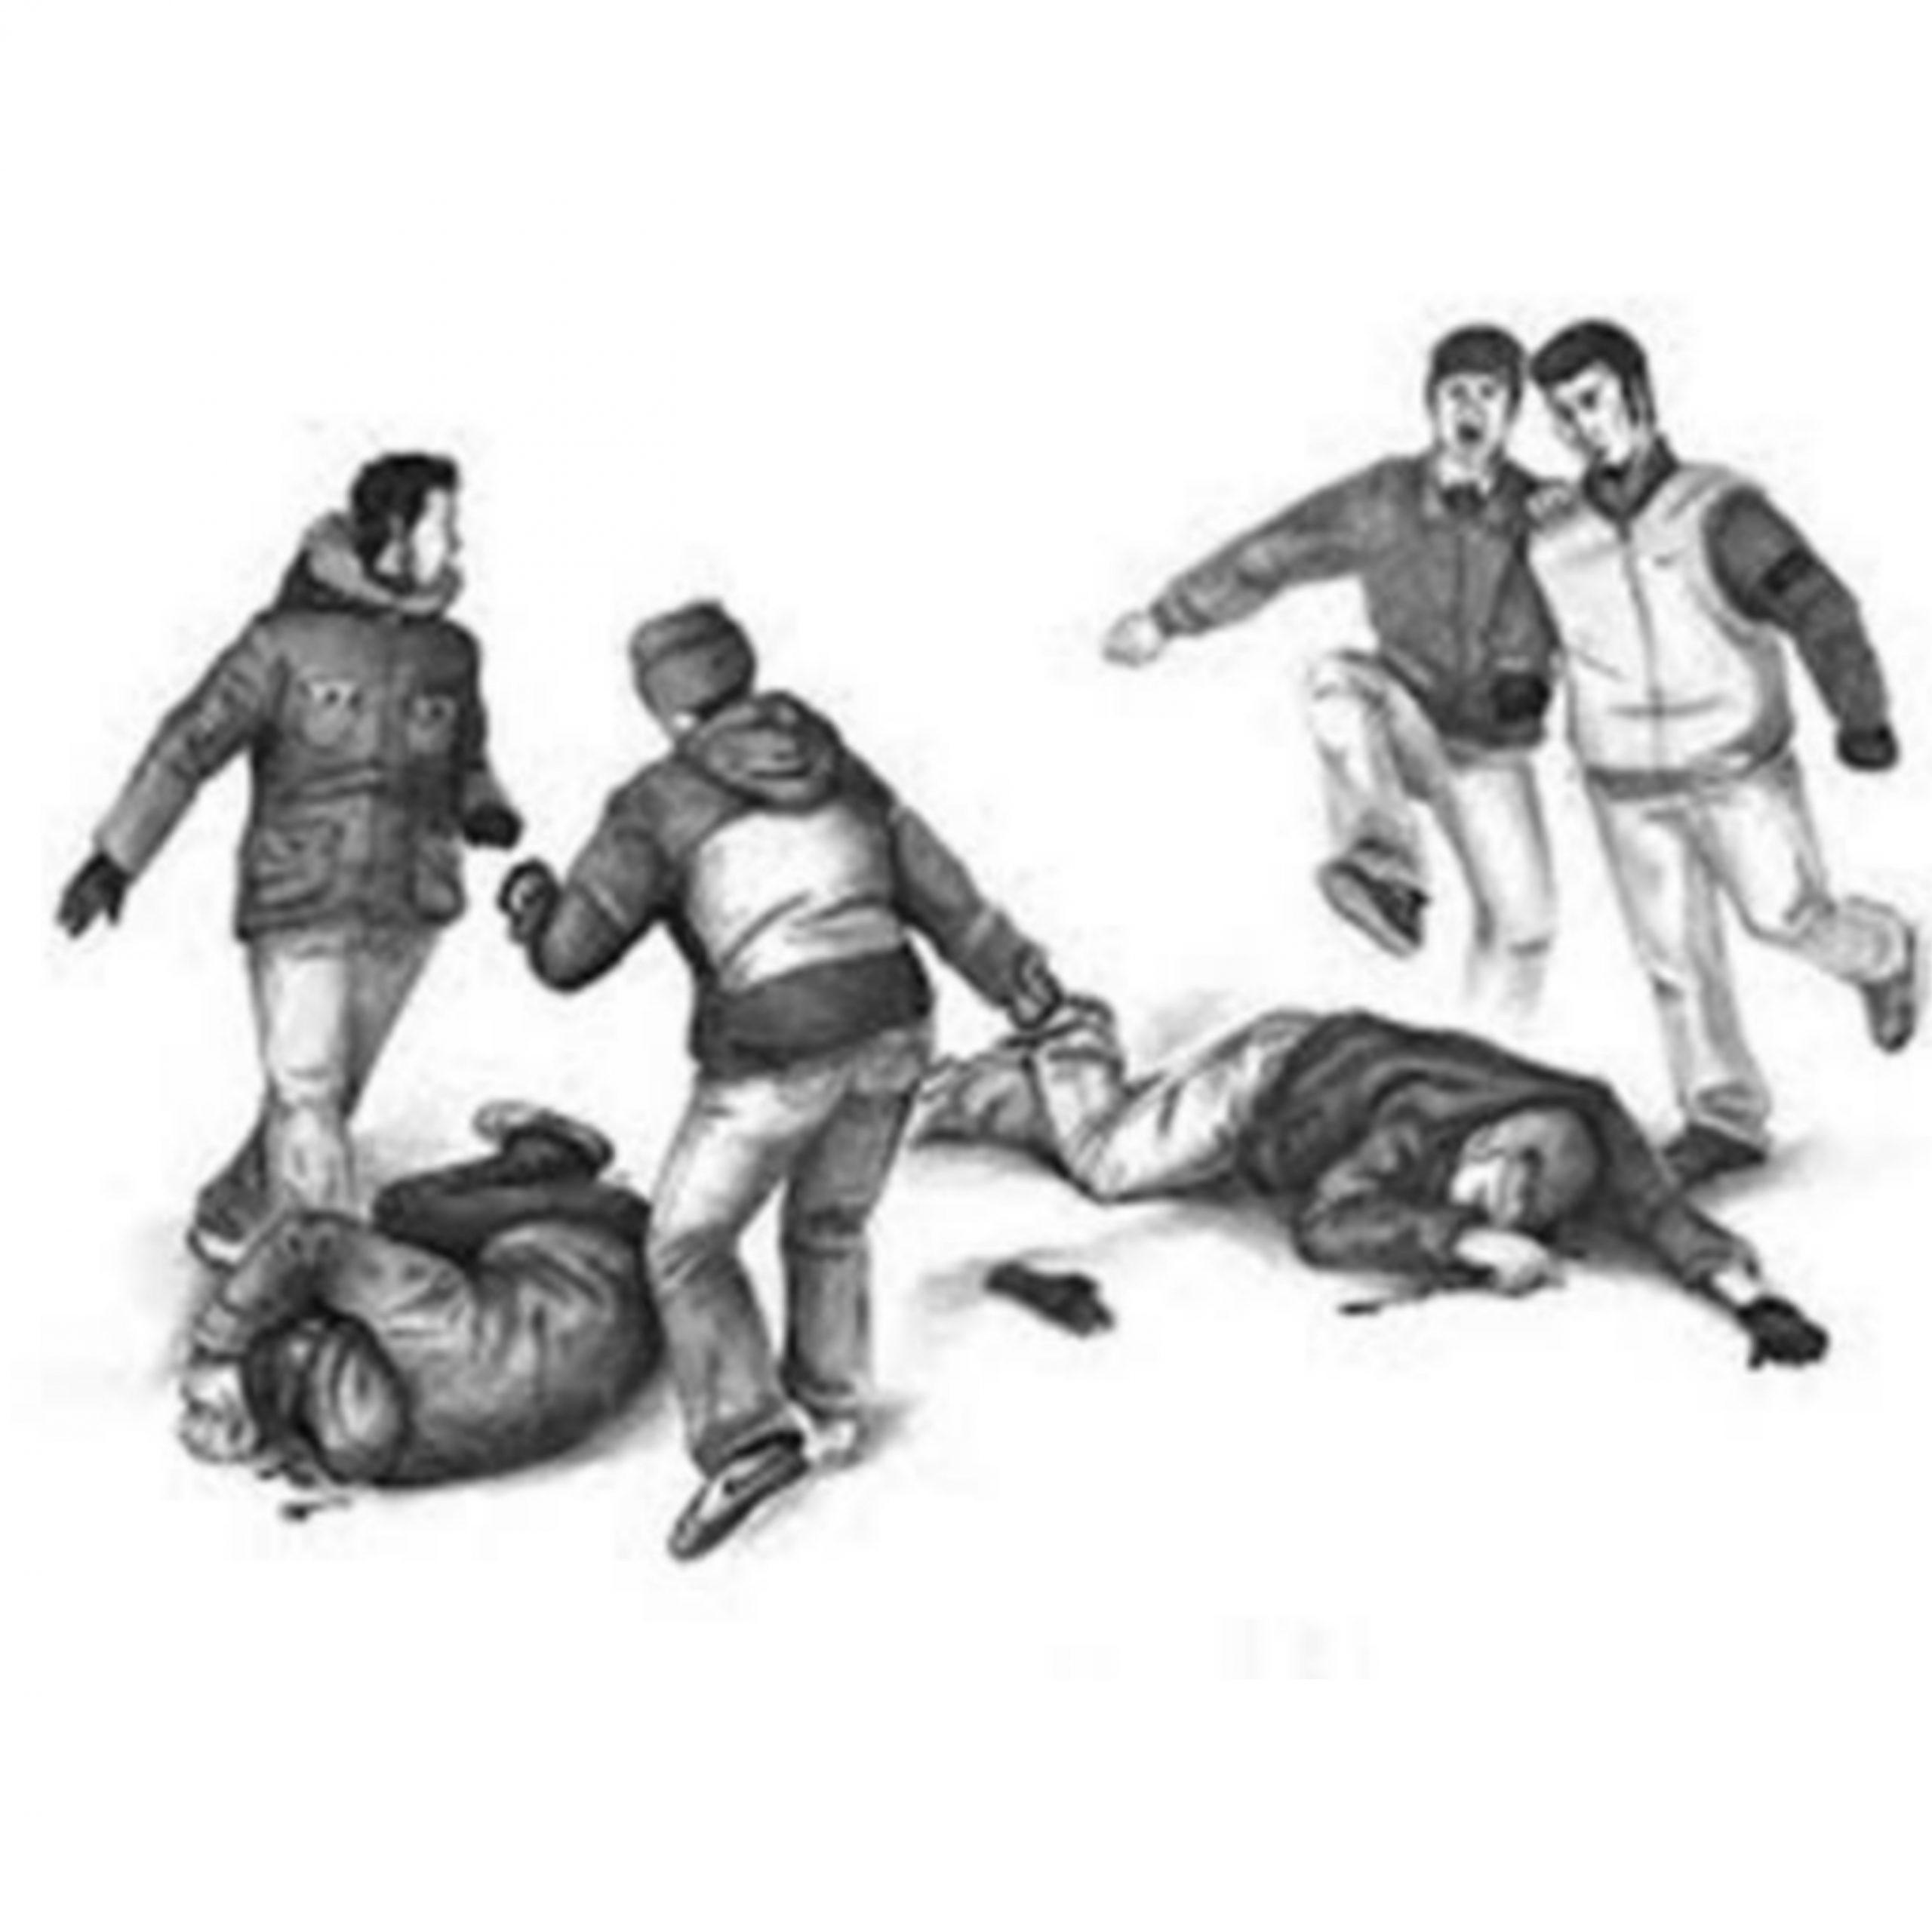 लाहानका घुमुवा प्रहरीमाथी बलानबिहुलका स्थानीयले गरे हातपात, यस्तो छ कारण …..